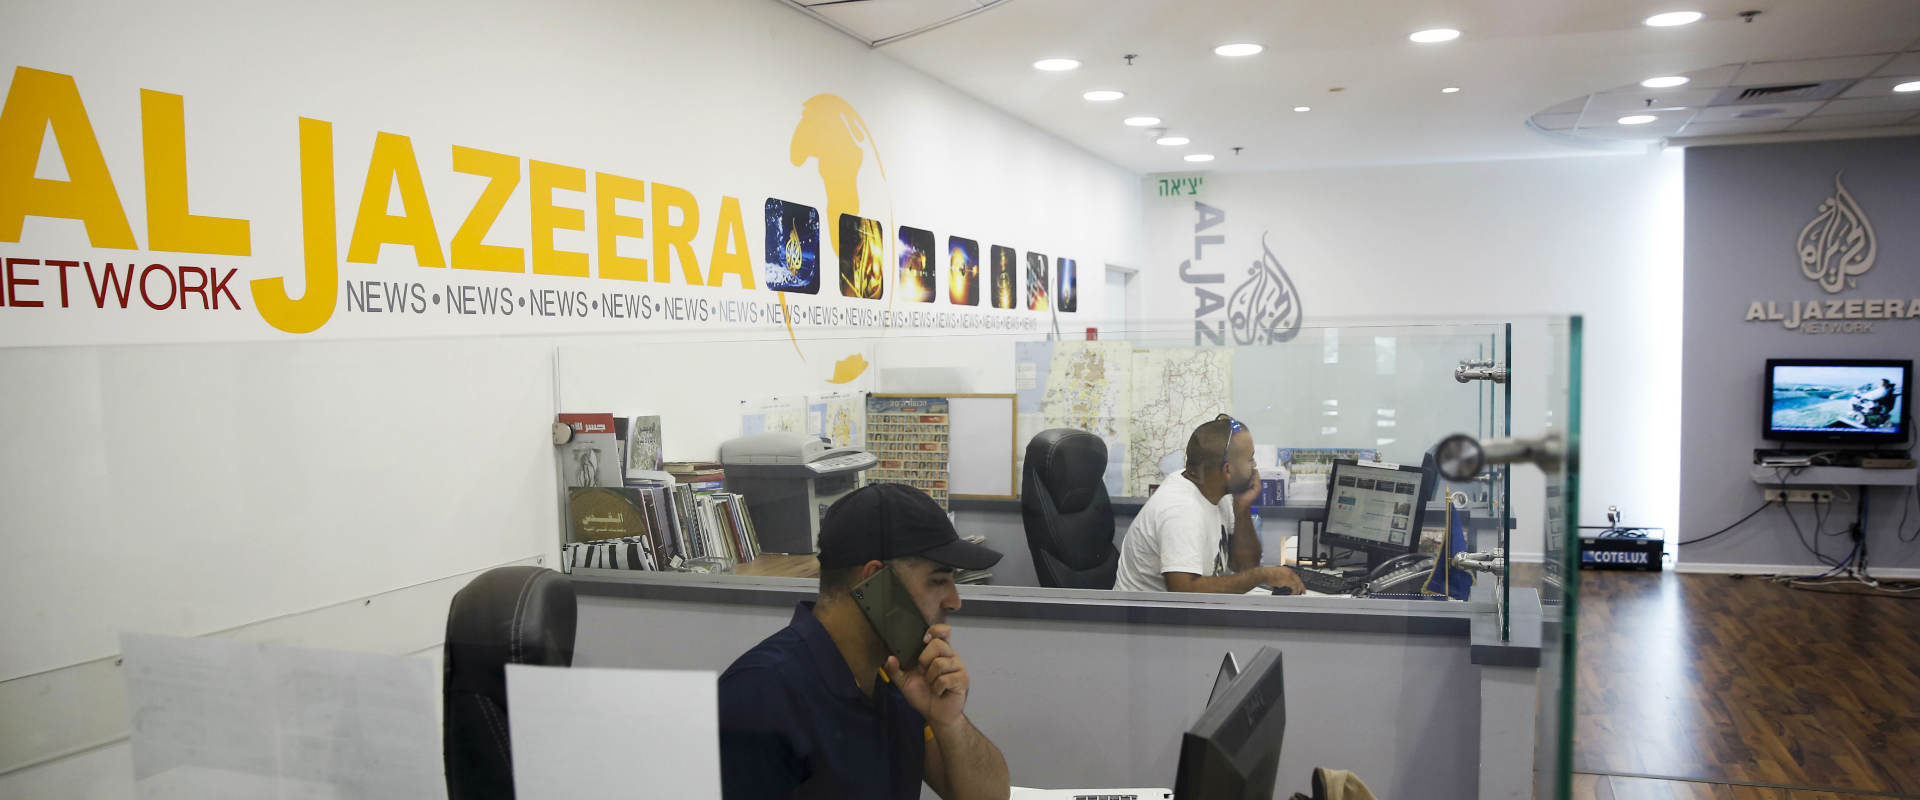 משרדי אל-ג'זירה בישראל